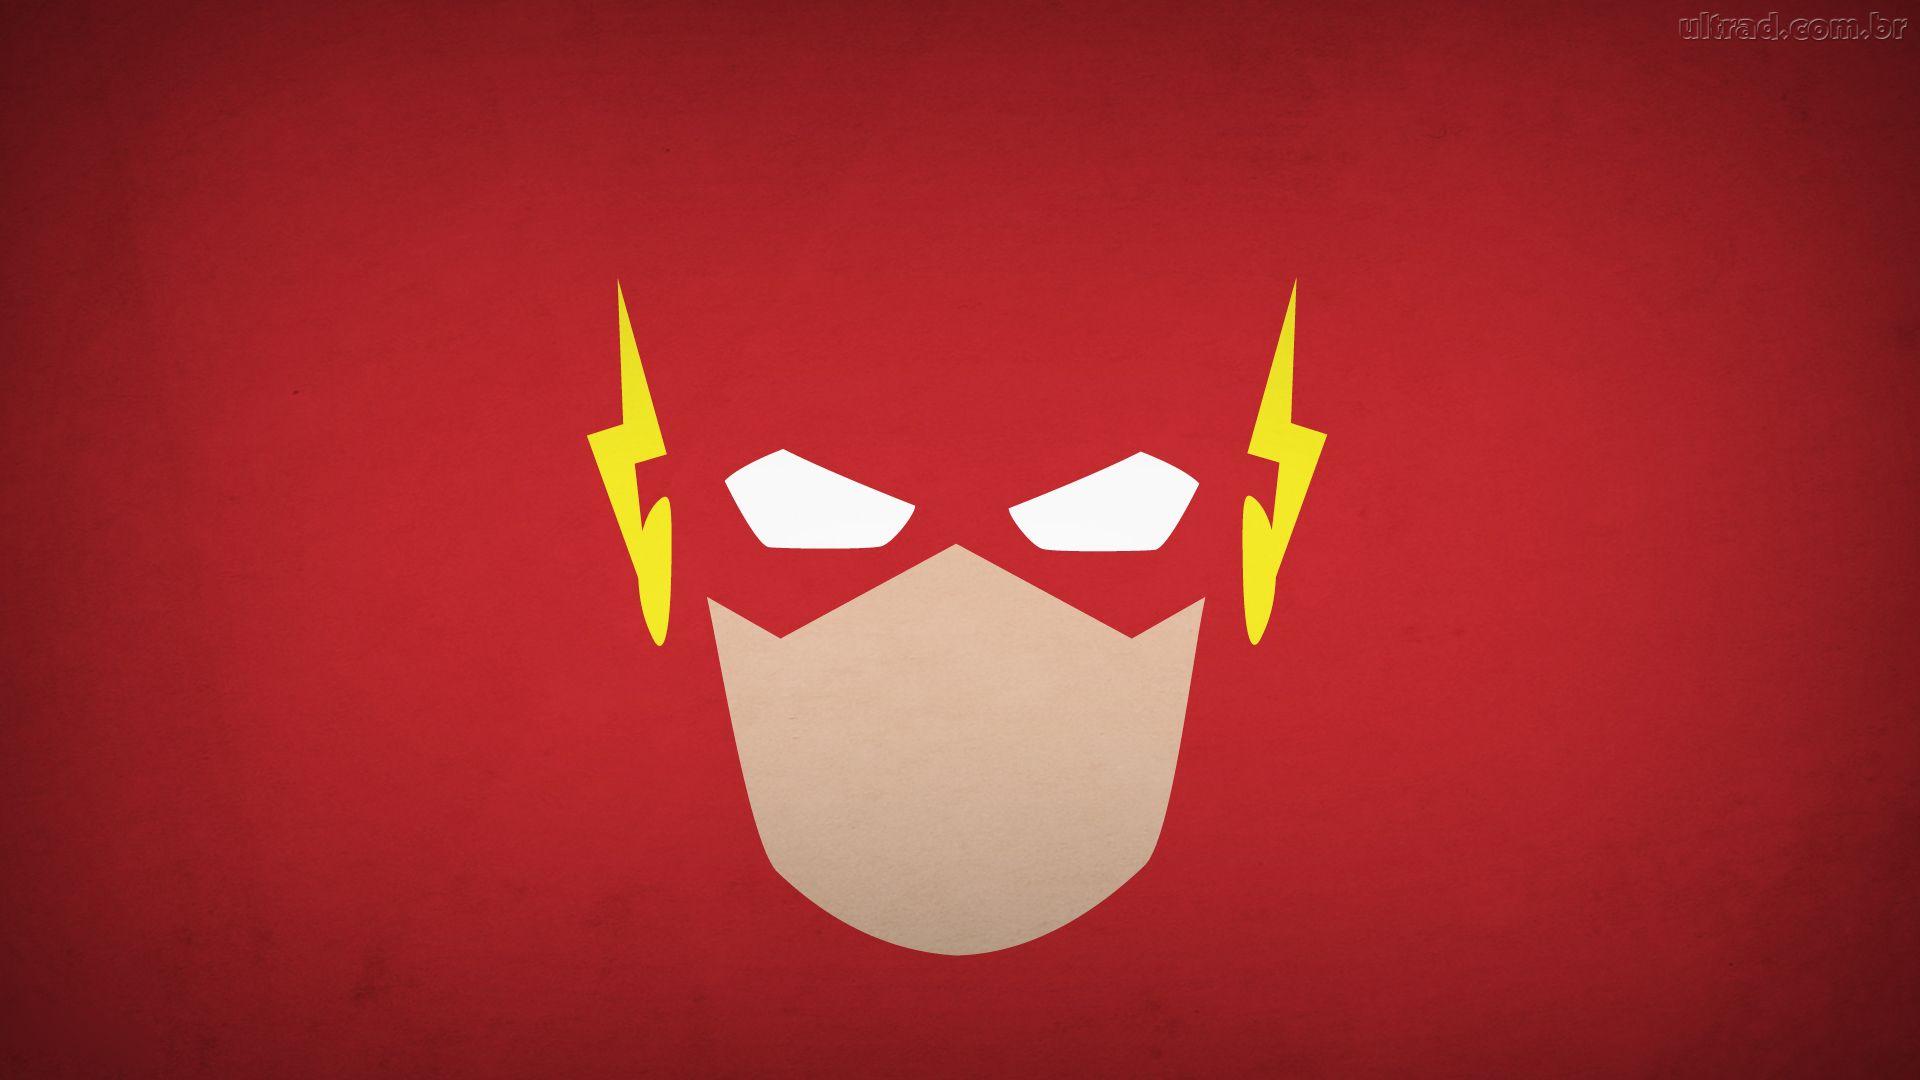 Flash filmindən xəbərlər var